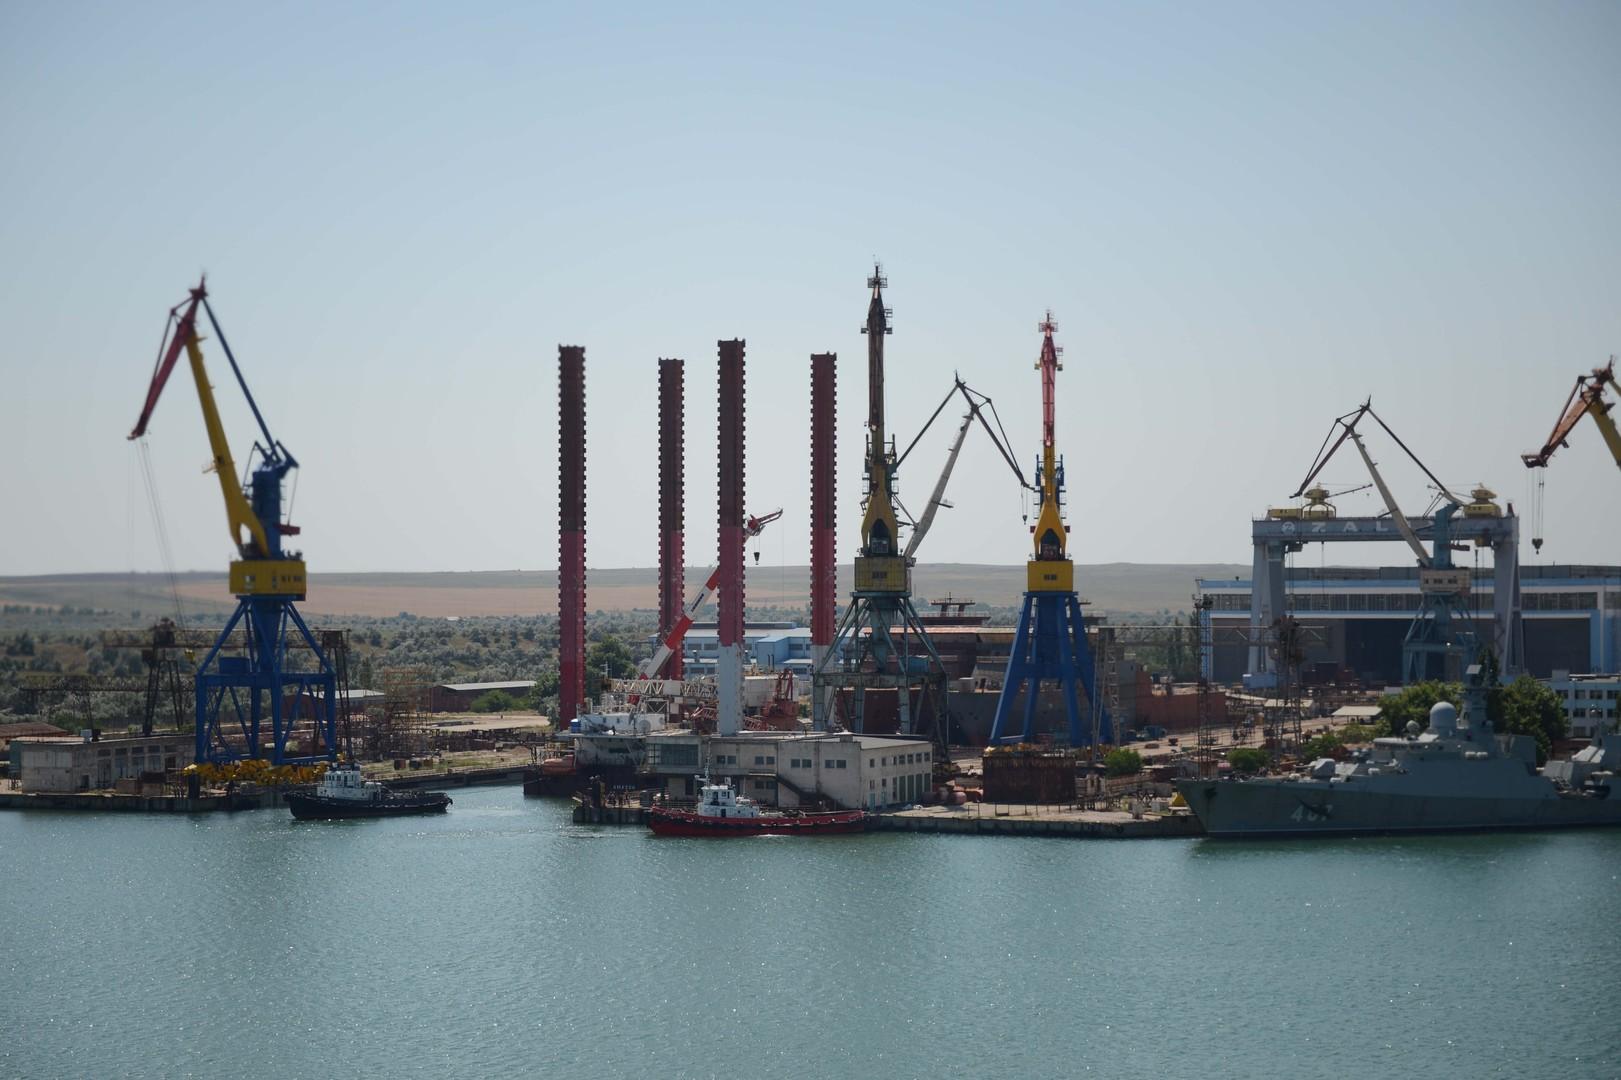 مقترح روسي لتحديث الأسطول البحري السوري